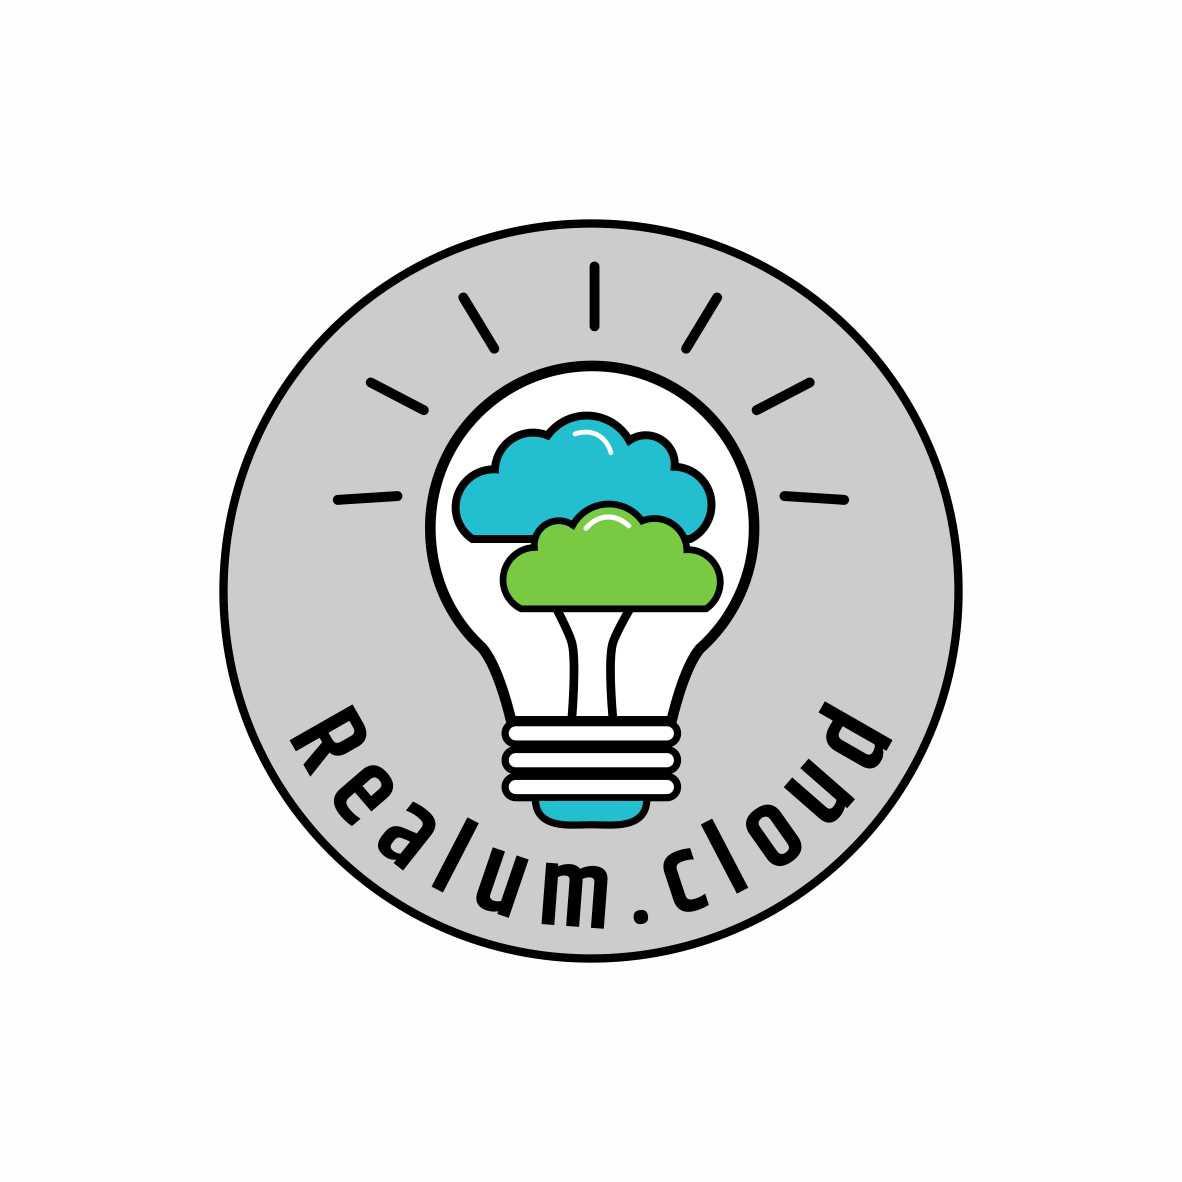 Optimizing Realum.cloud Logo